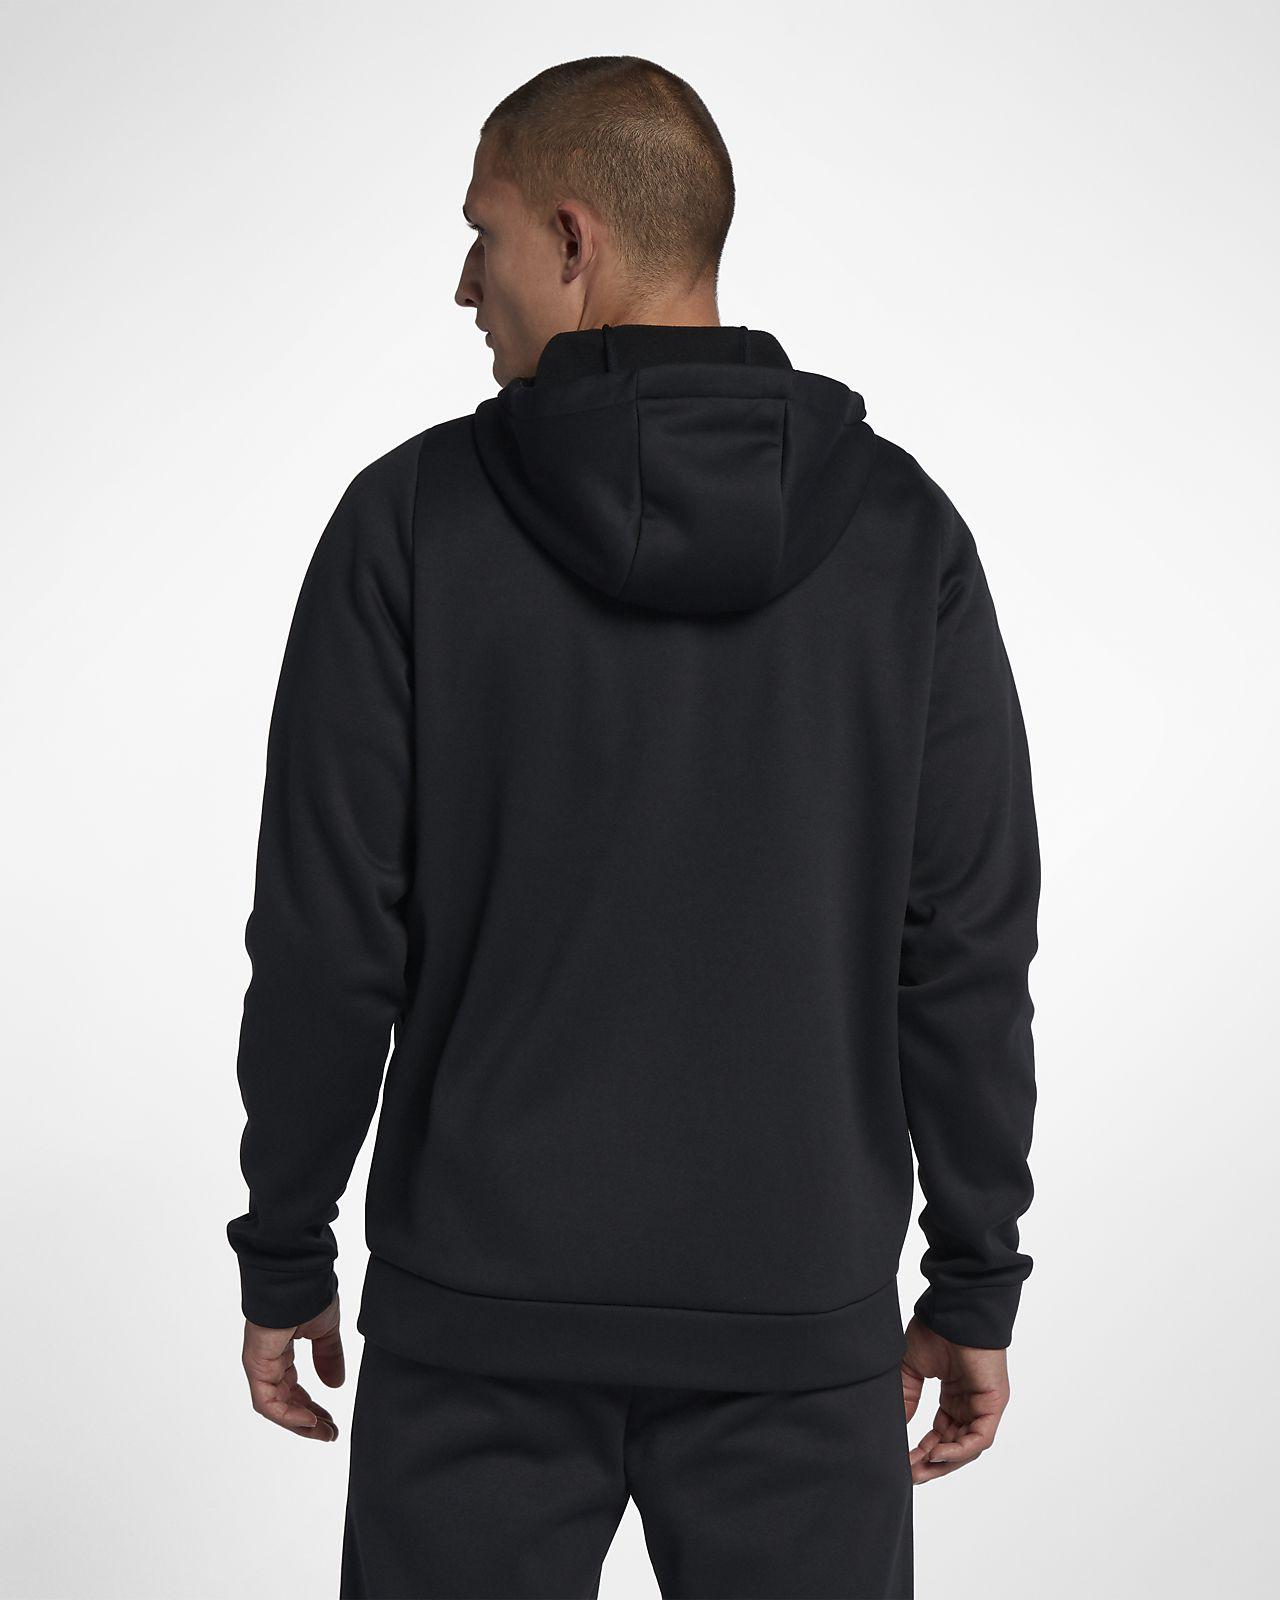 Nike Mens Therma Full Zip Training Hoodie